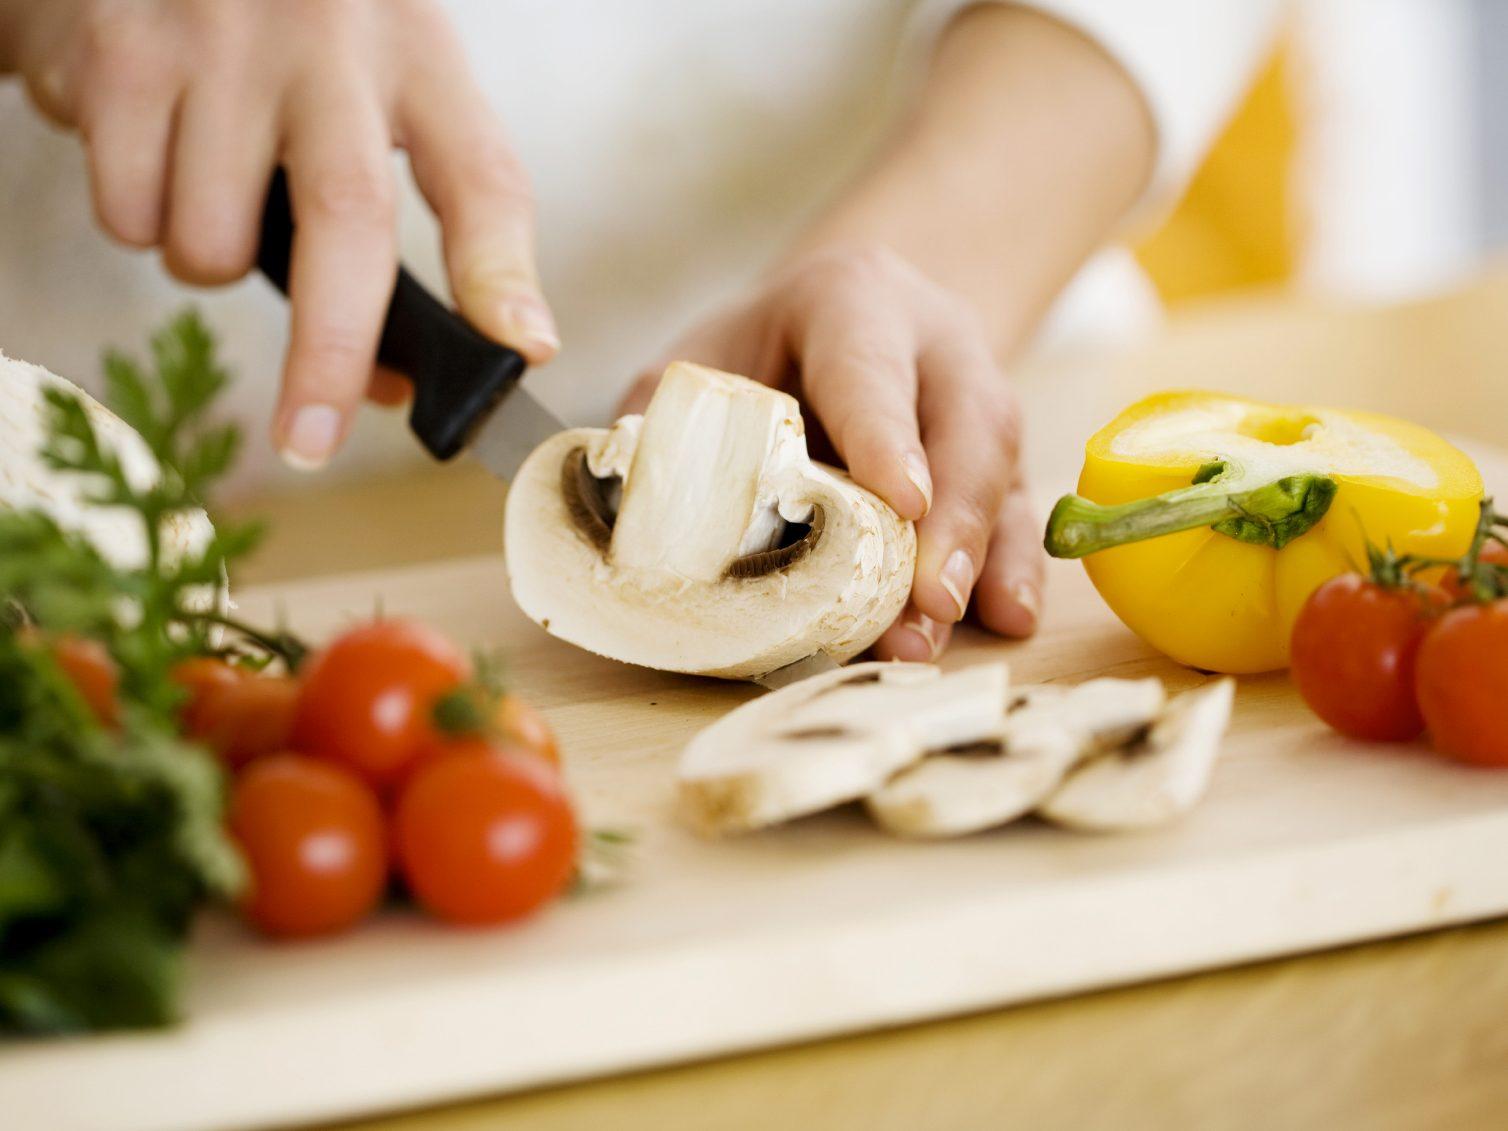 Manger les portions de fruits et légumes recommandées